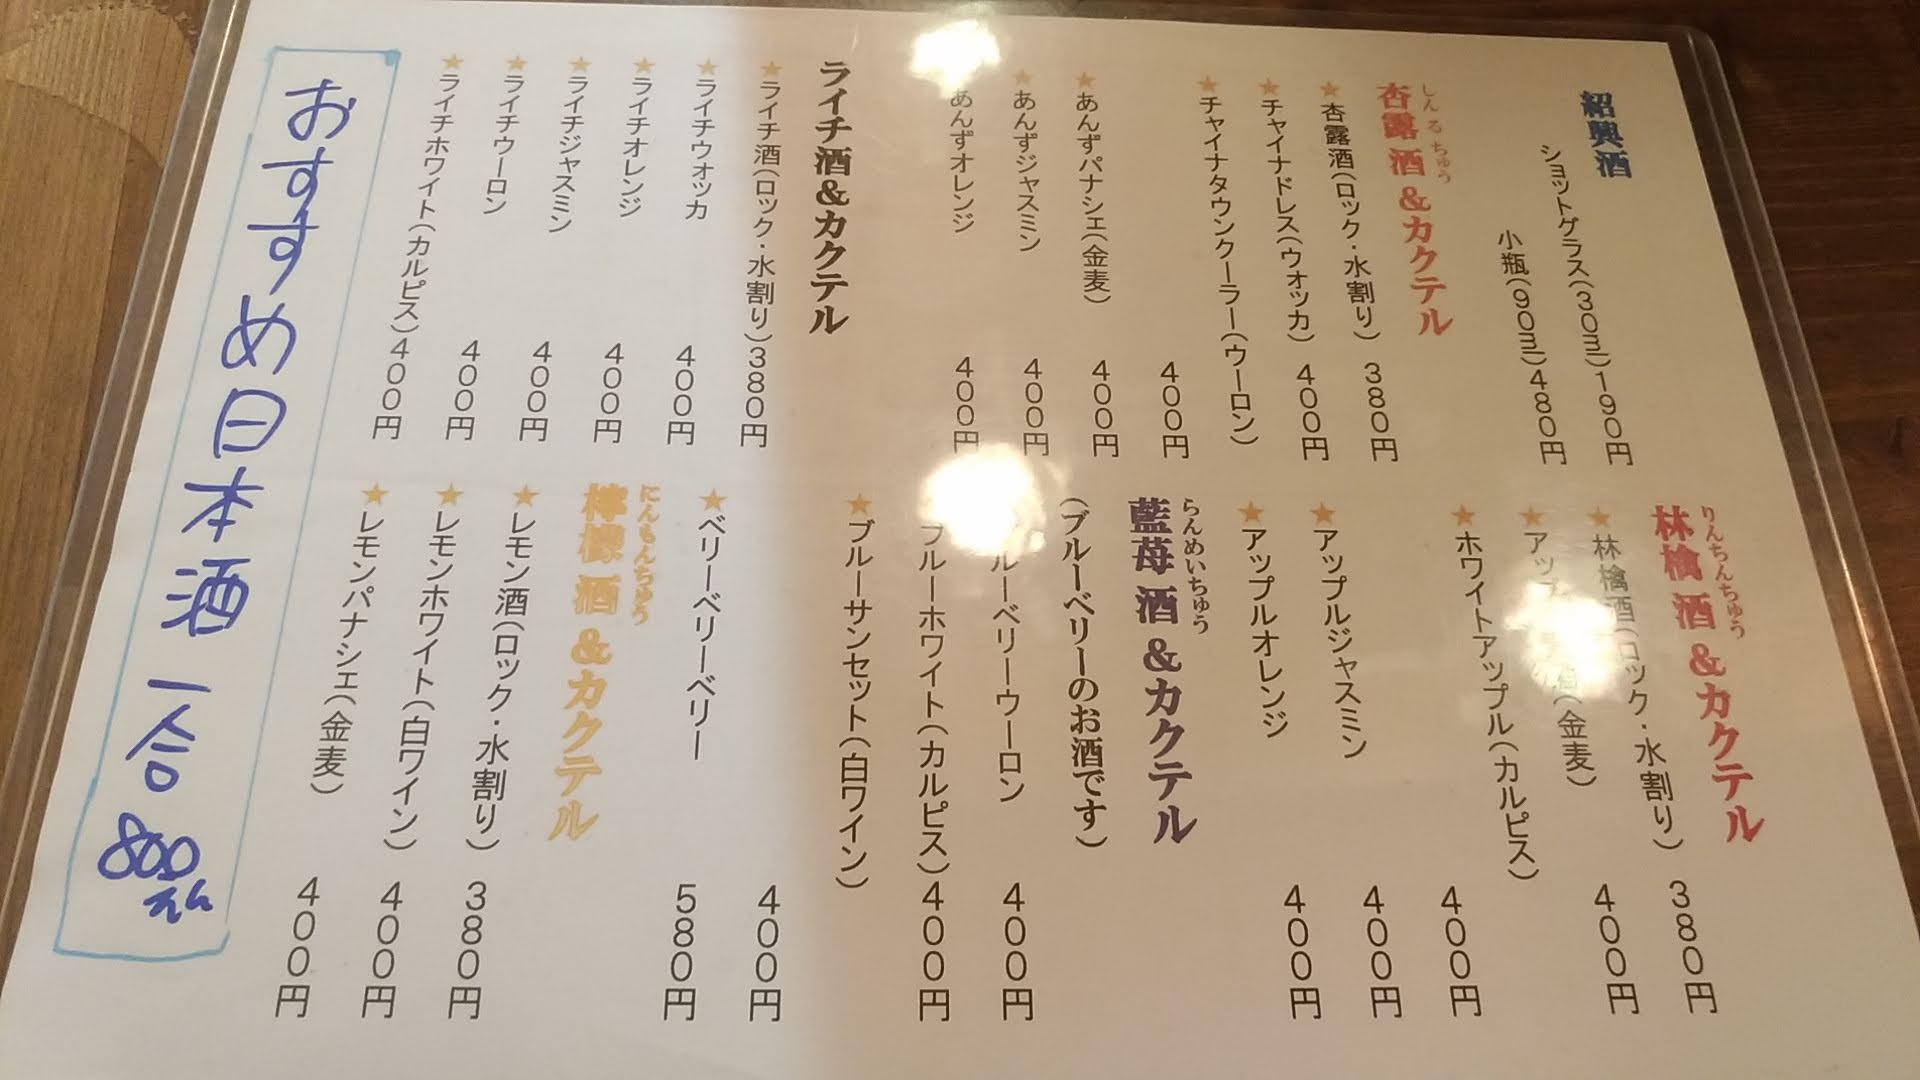 いちまん横丁SHINKAのドリンクメニュー 2